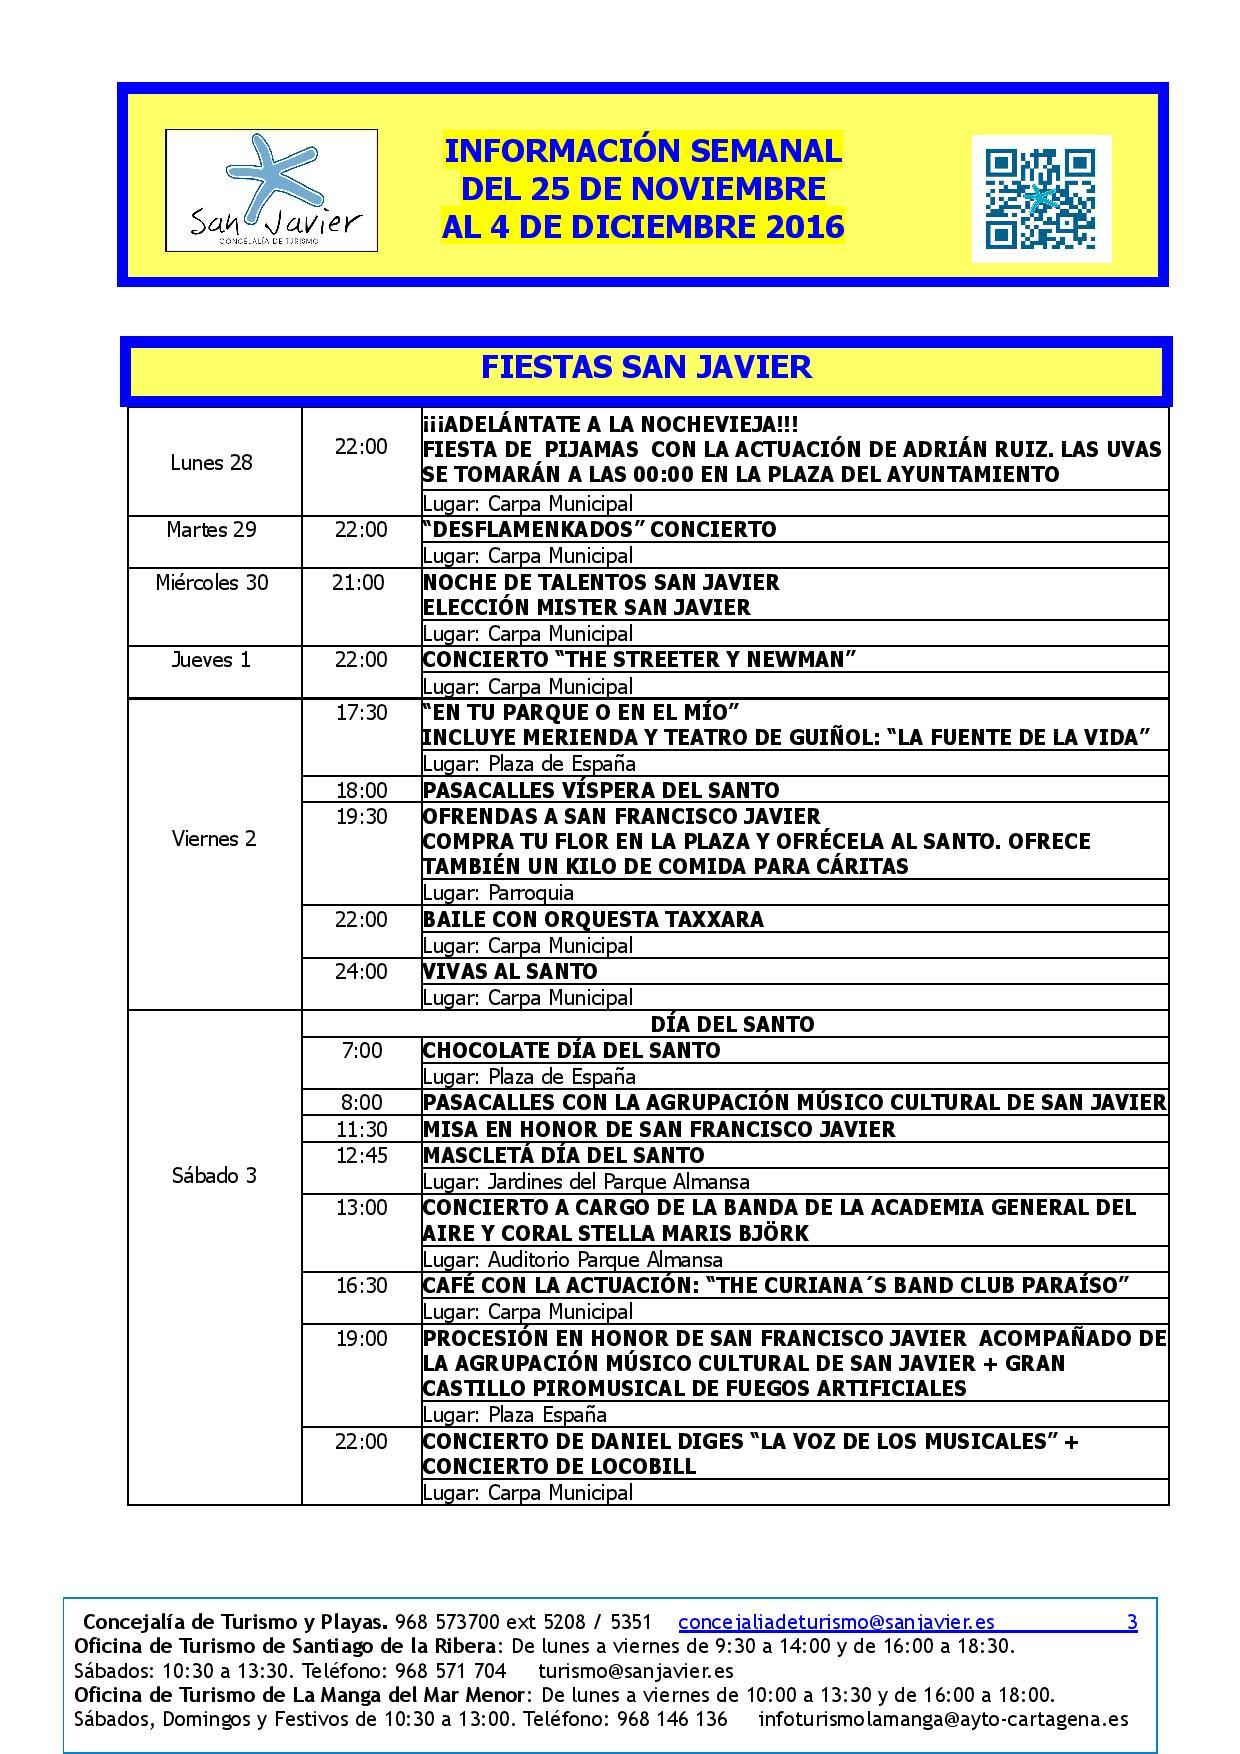 del-25-de-nov-al-4-de-dic-page-003